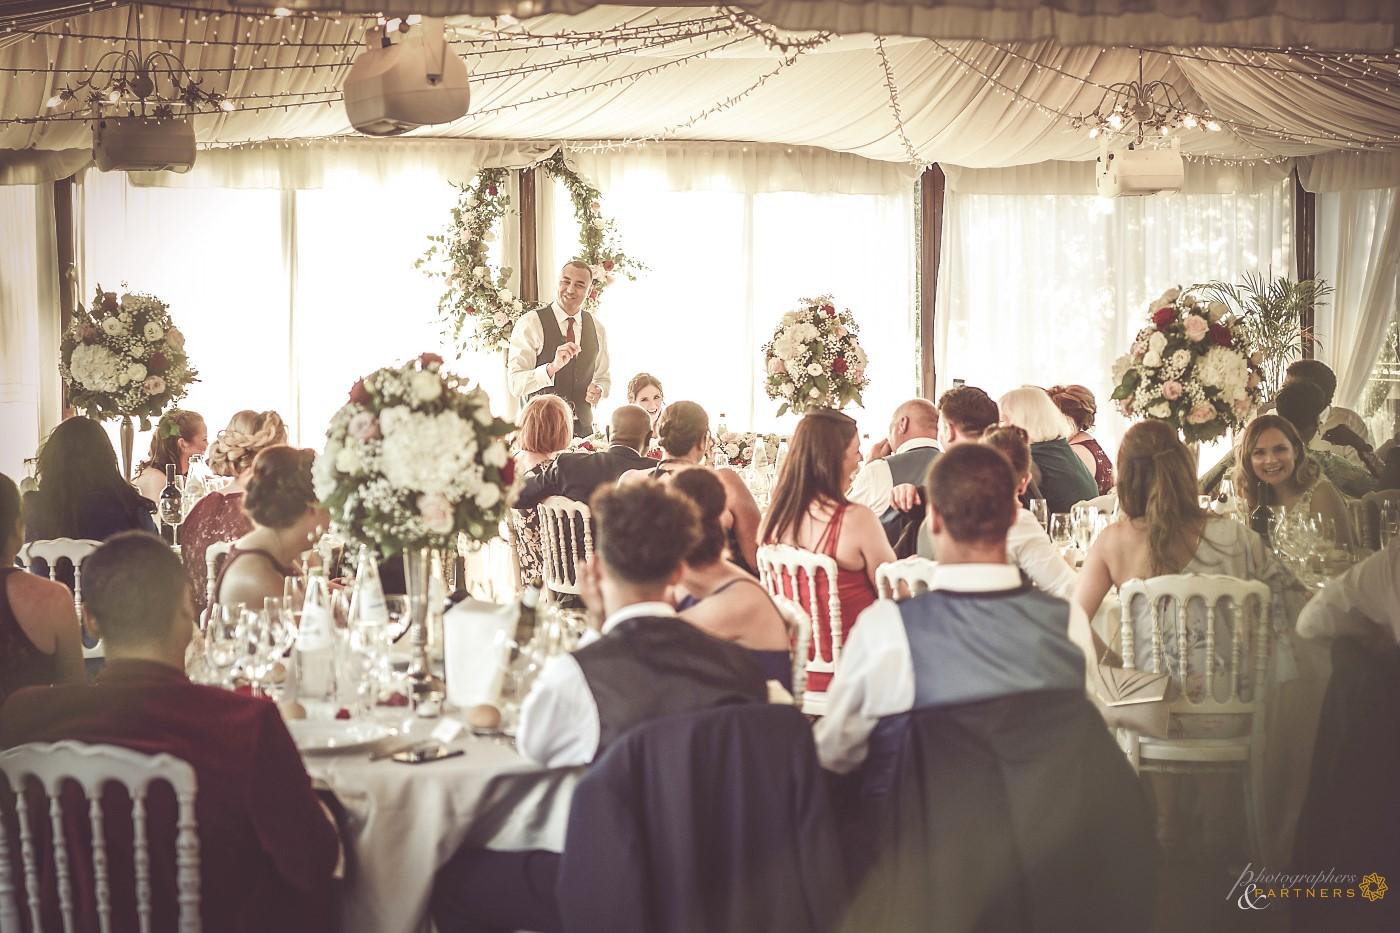 photographer_weddings_baroncino_10.jpg